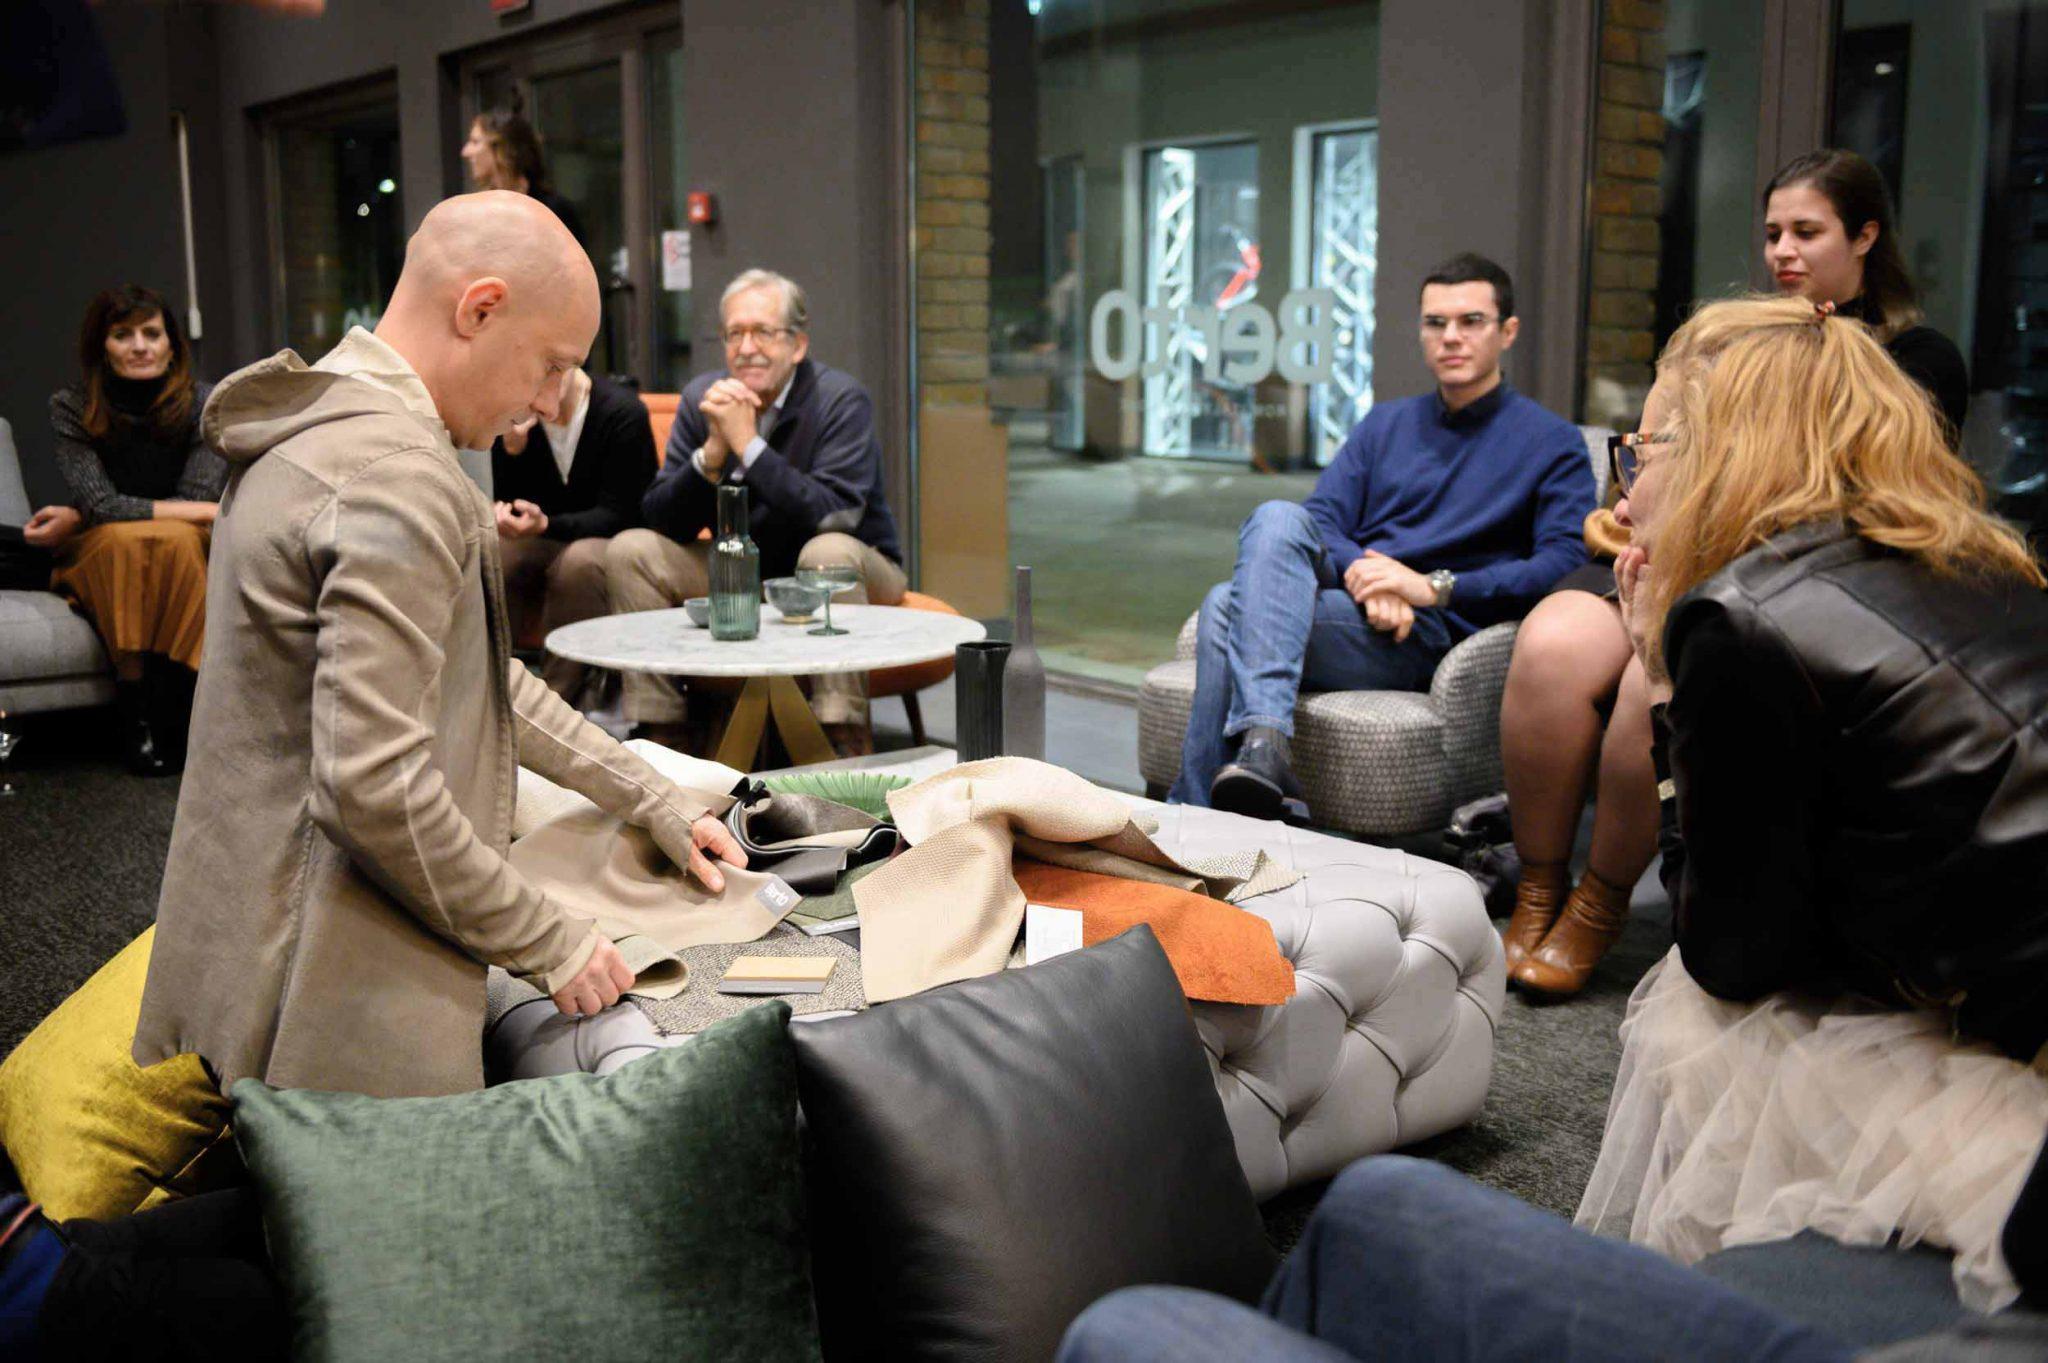 Le Directeur Artistique Alessandro Castello, ont organisé un débat sur la façon dont le design peut améliorer les espaces de la maison